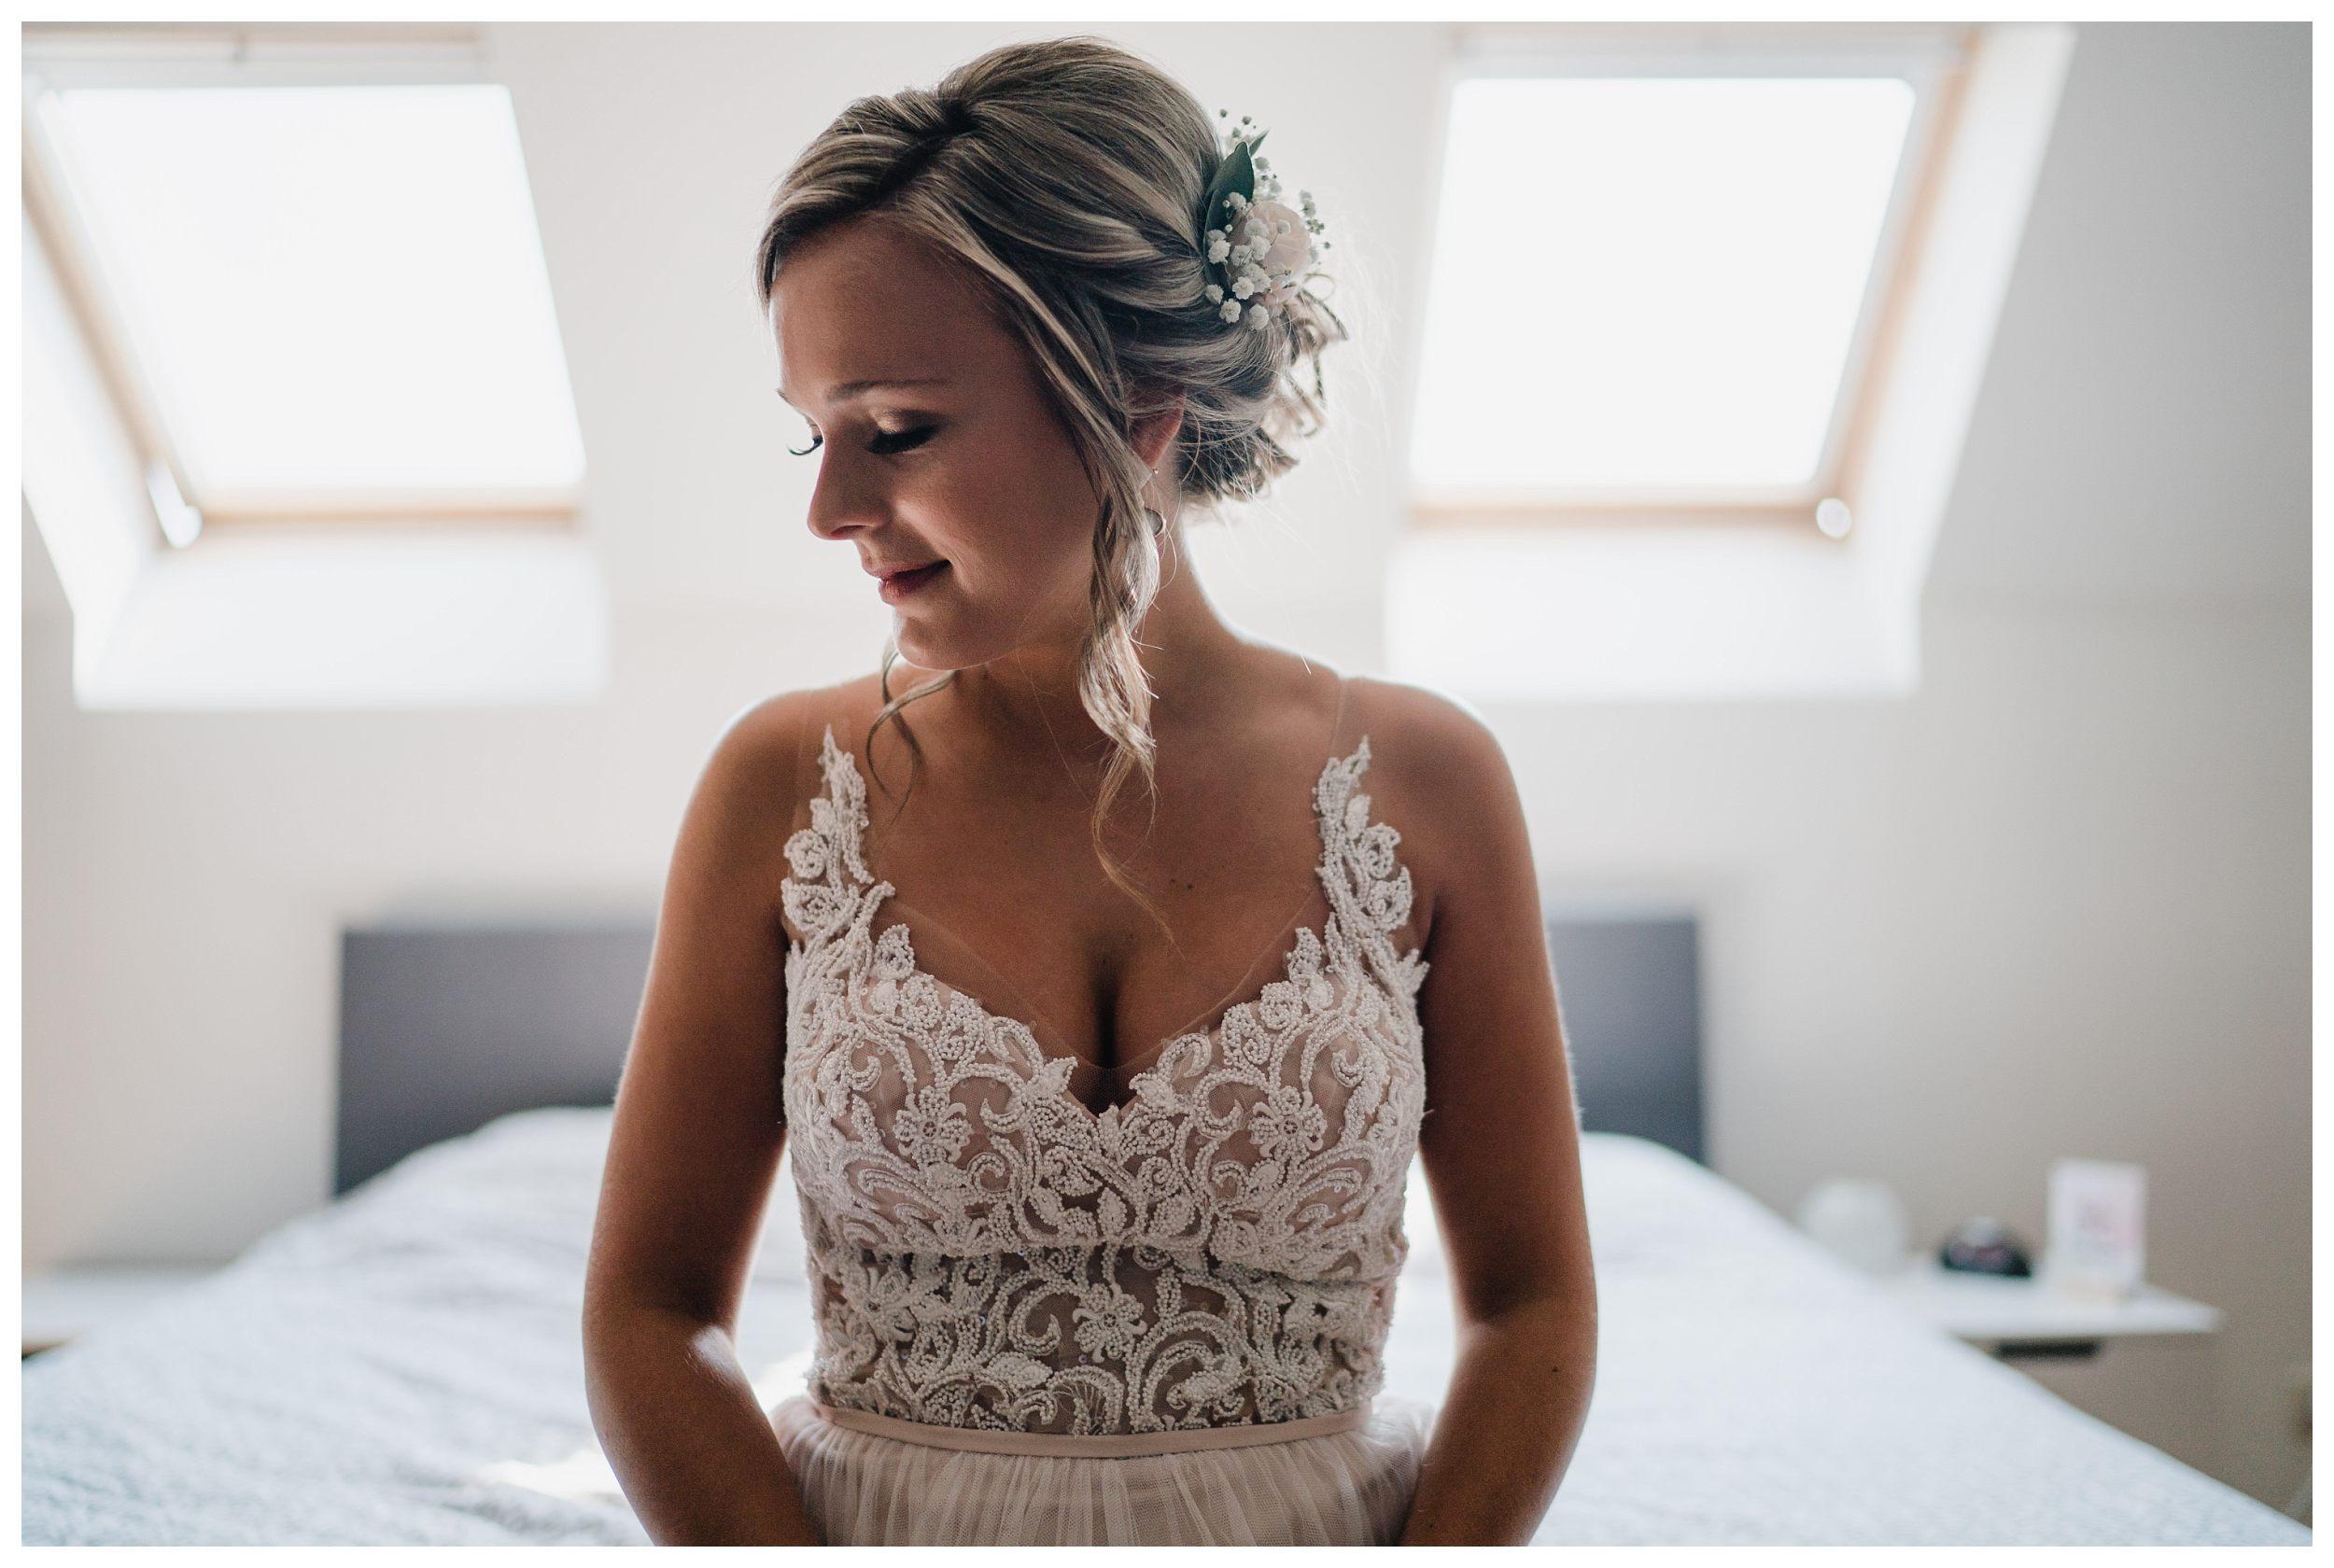 huwelijksfotograaf bruidsfotograaf destinationwedding huwelijksfotografie in mol oostham (9).jpg